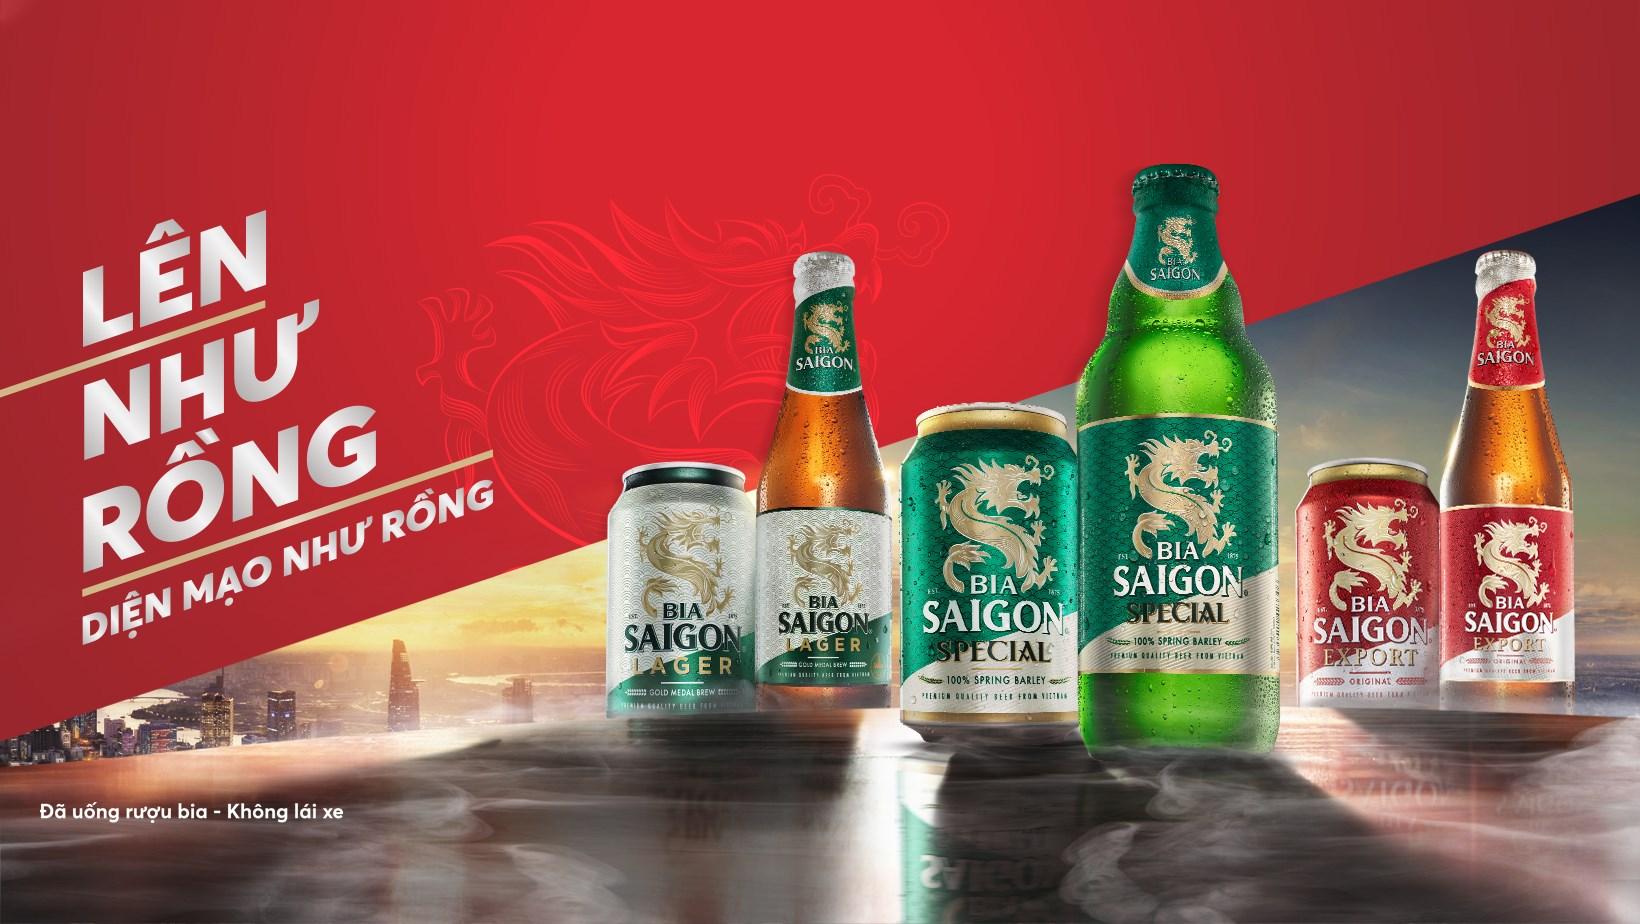 Việc làm đang tuyển dụng tại Sabeco - Tổng Công Ty Cổ Phần Bia - Rượu - Nước Giải Khát Sài Gòn